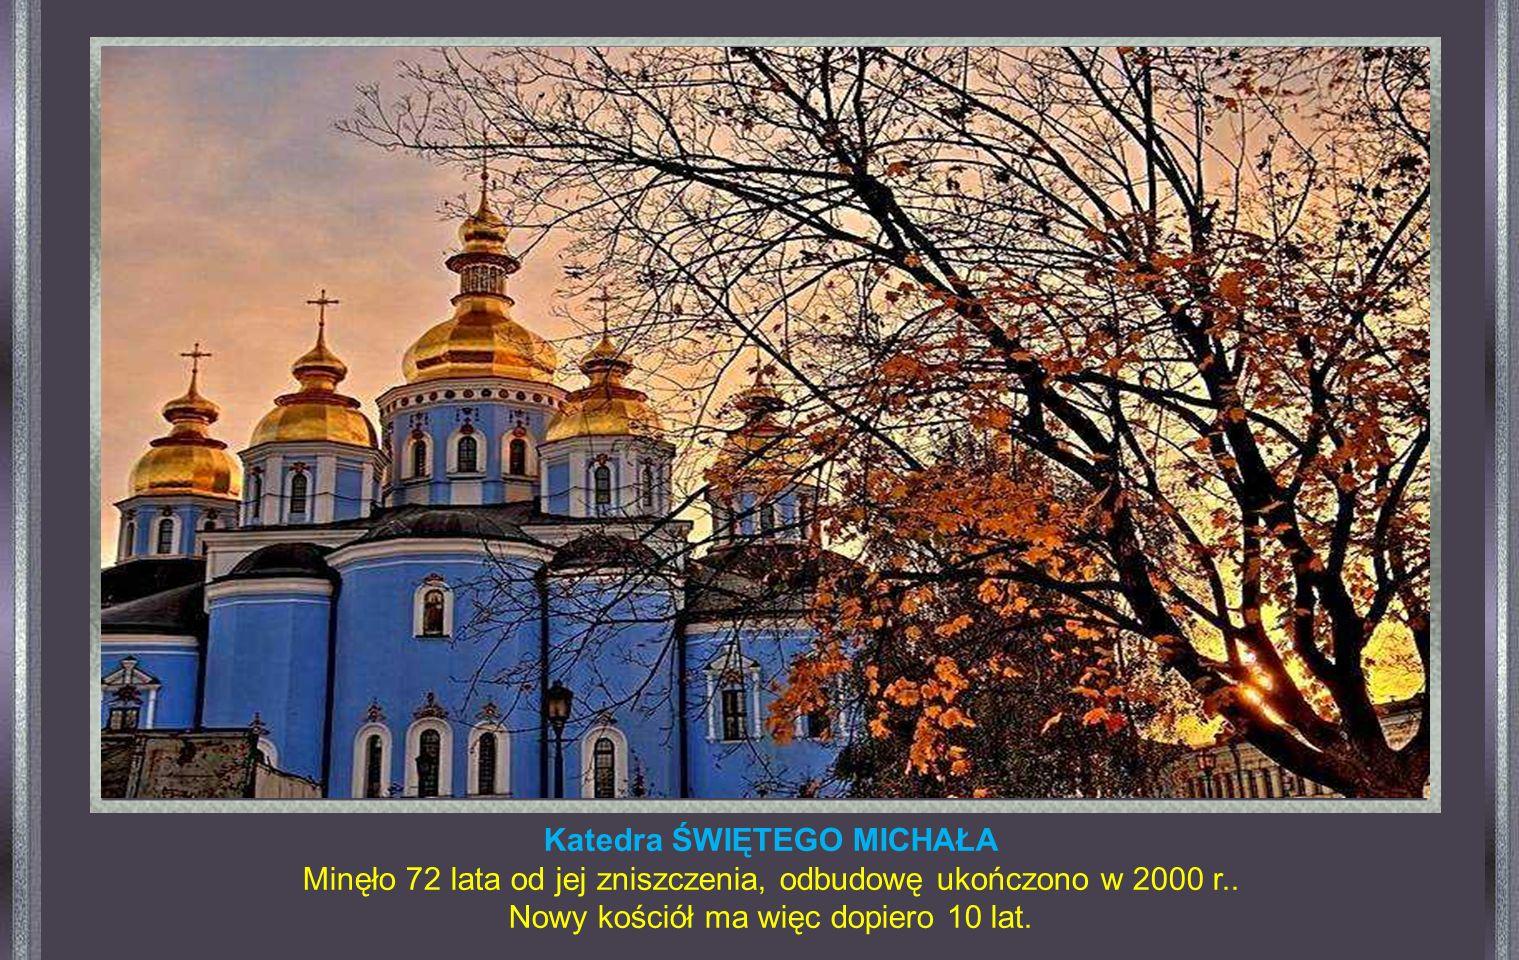 Katedra ŚWIĘTEGO MICHAŁA